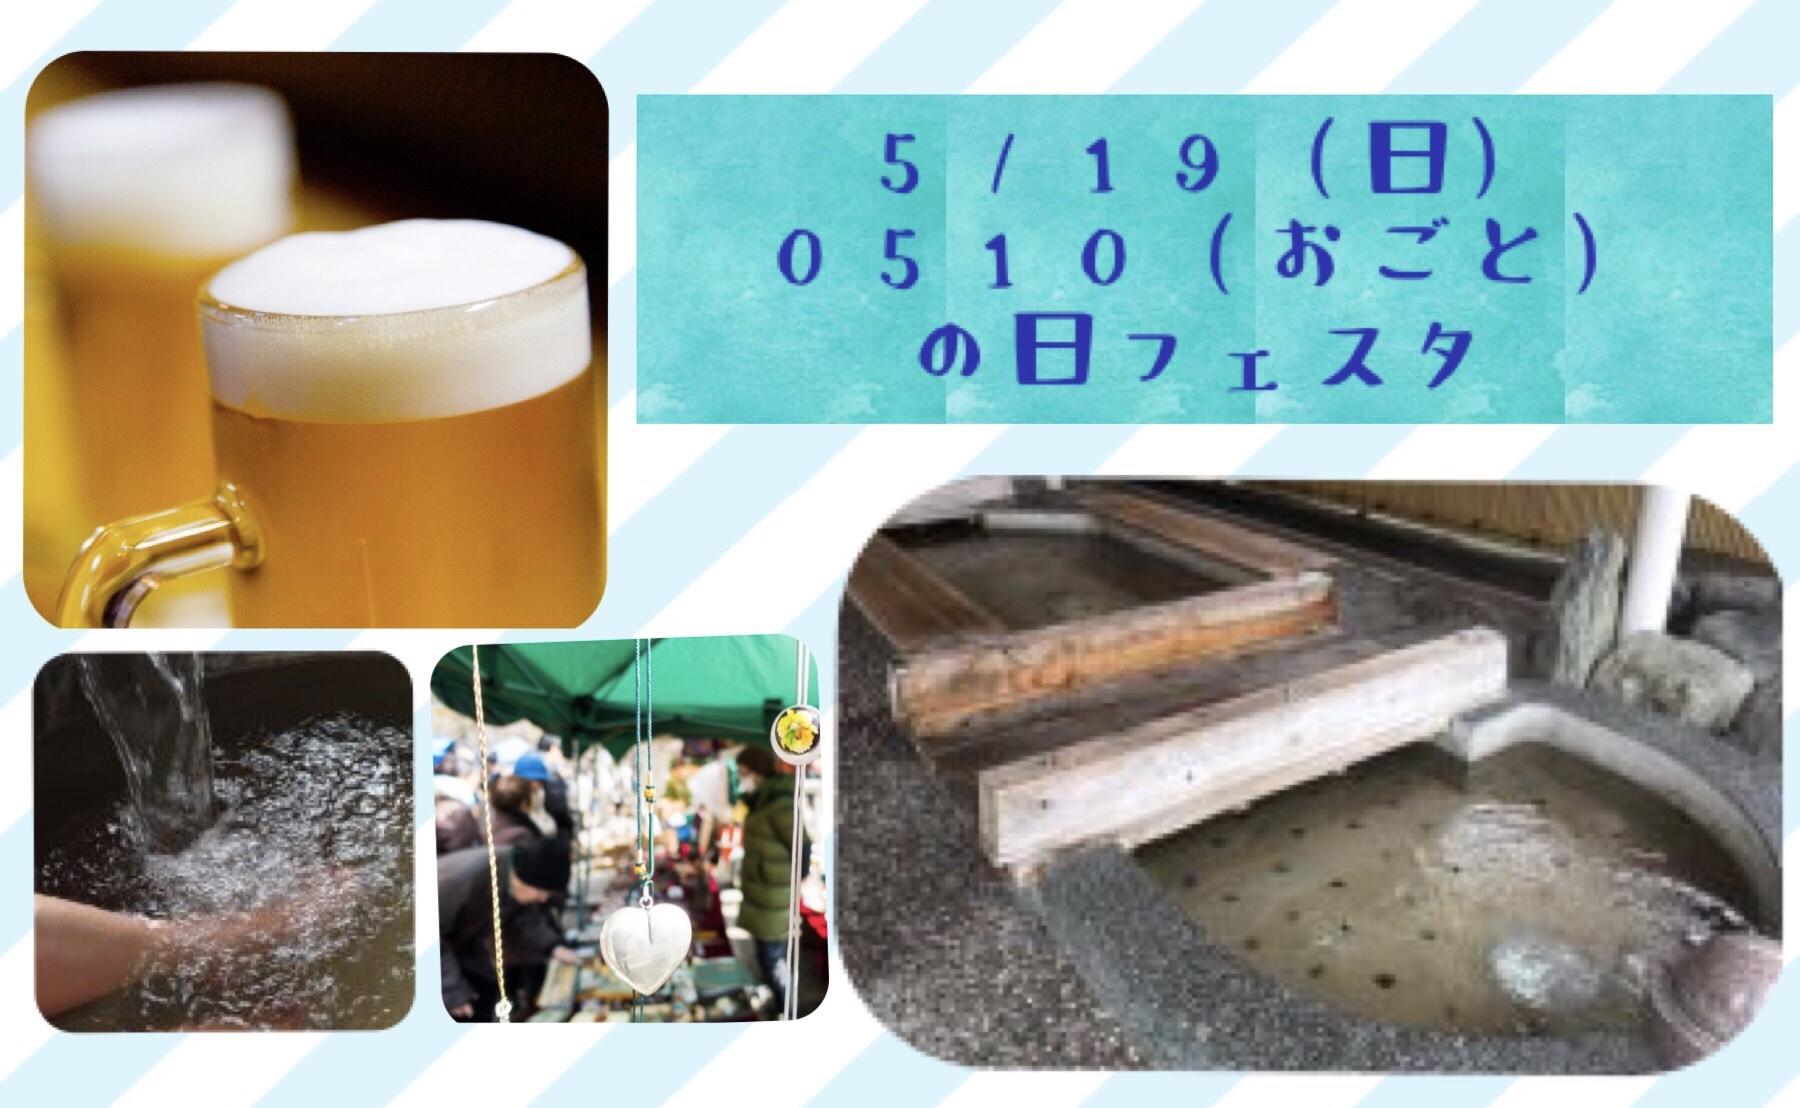 【5/19(日)】0510(おごと)の日フェスタ ふれあいフリーマーケット【おごと温泉観光公園】新発売地ビールの試飲も♪